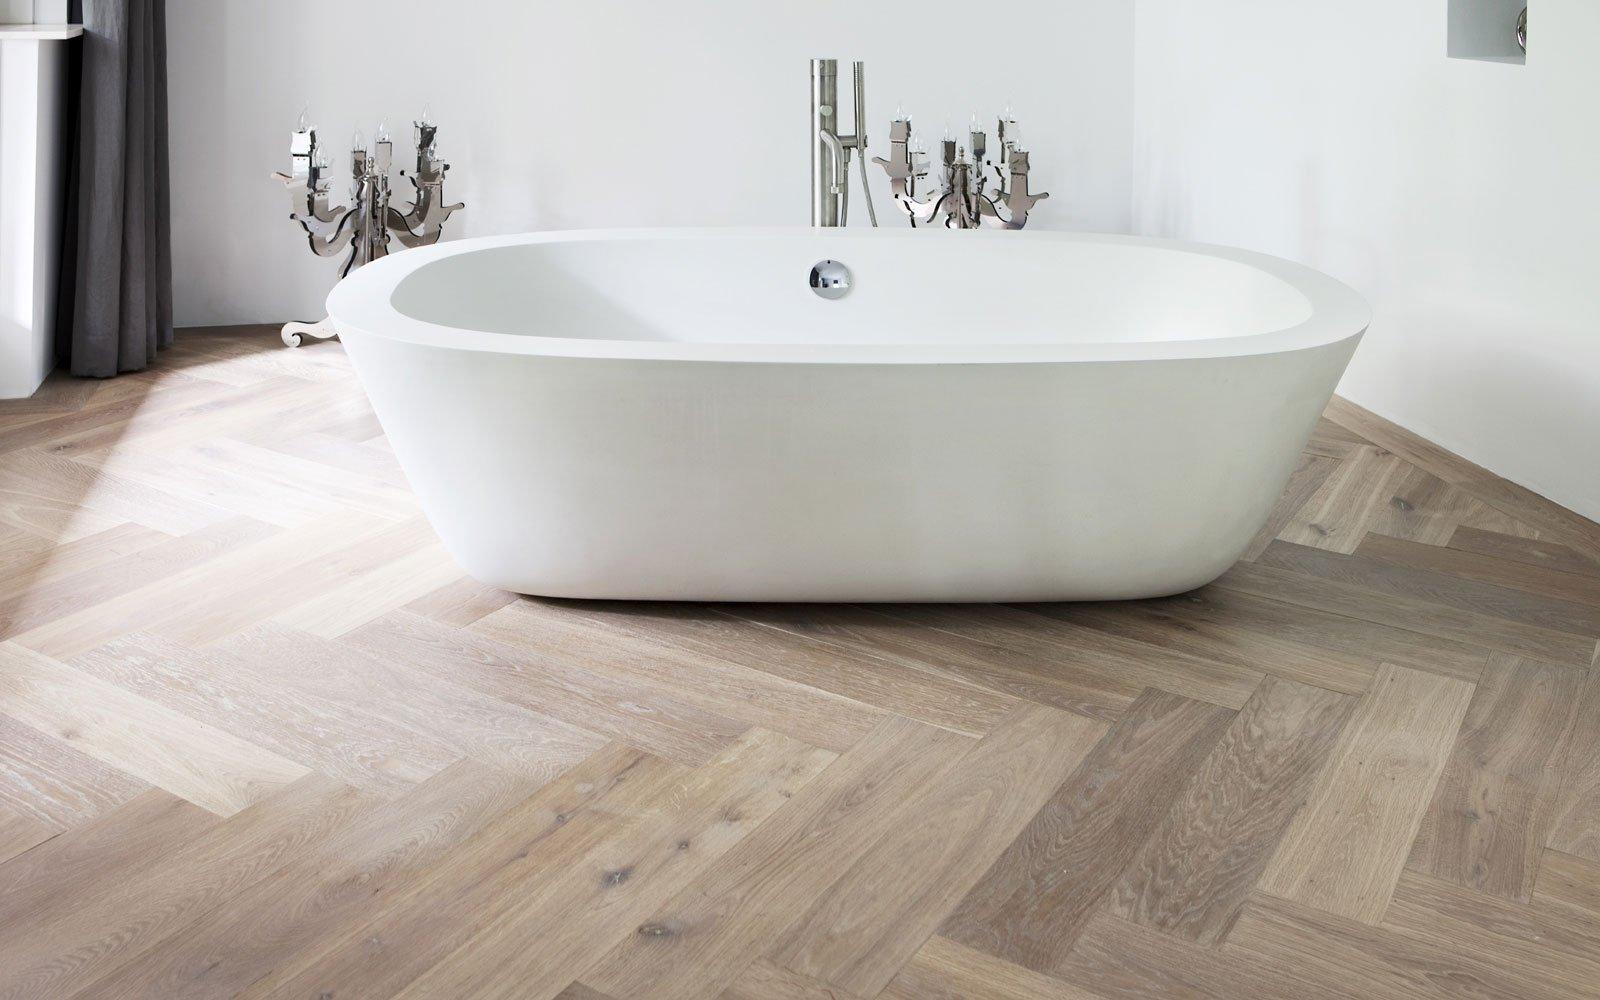 Badkamervloeren - Badkamer vloer ...